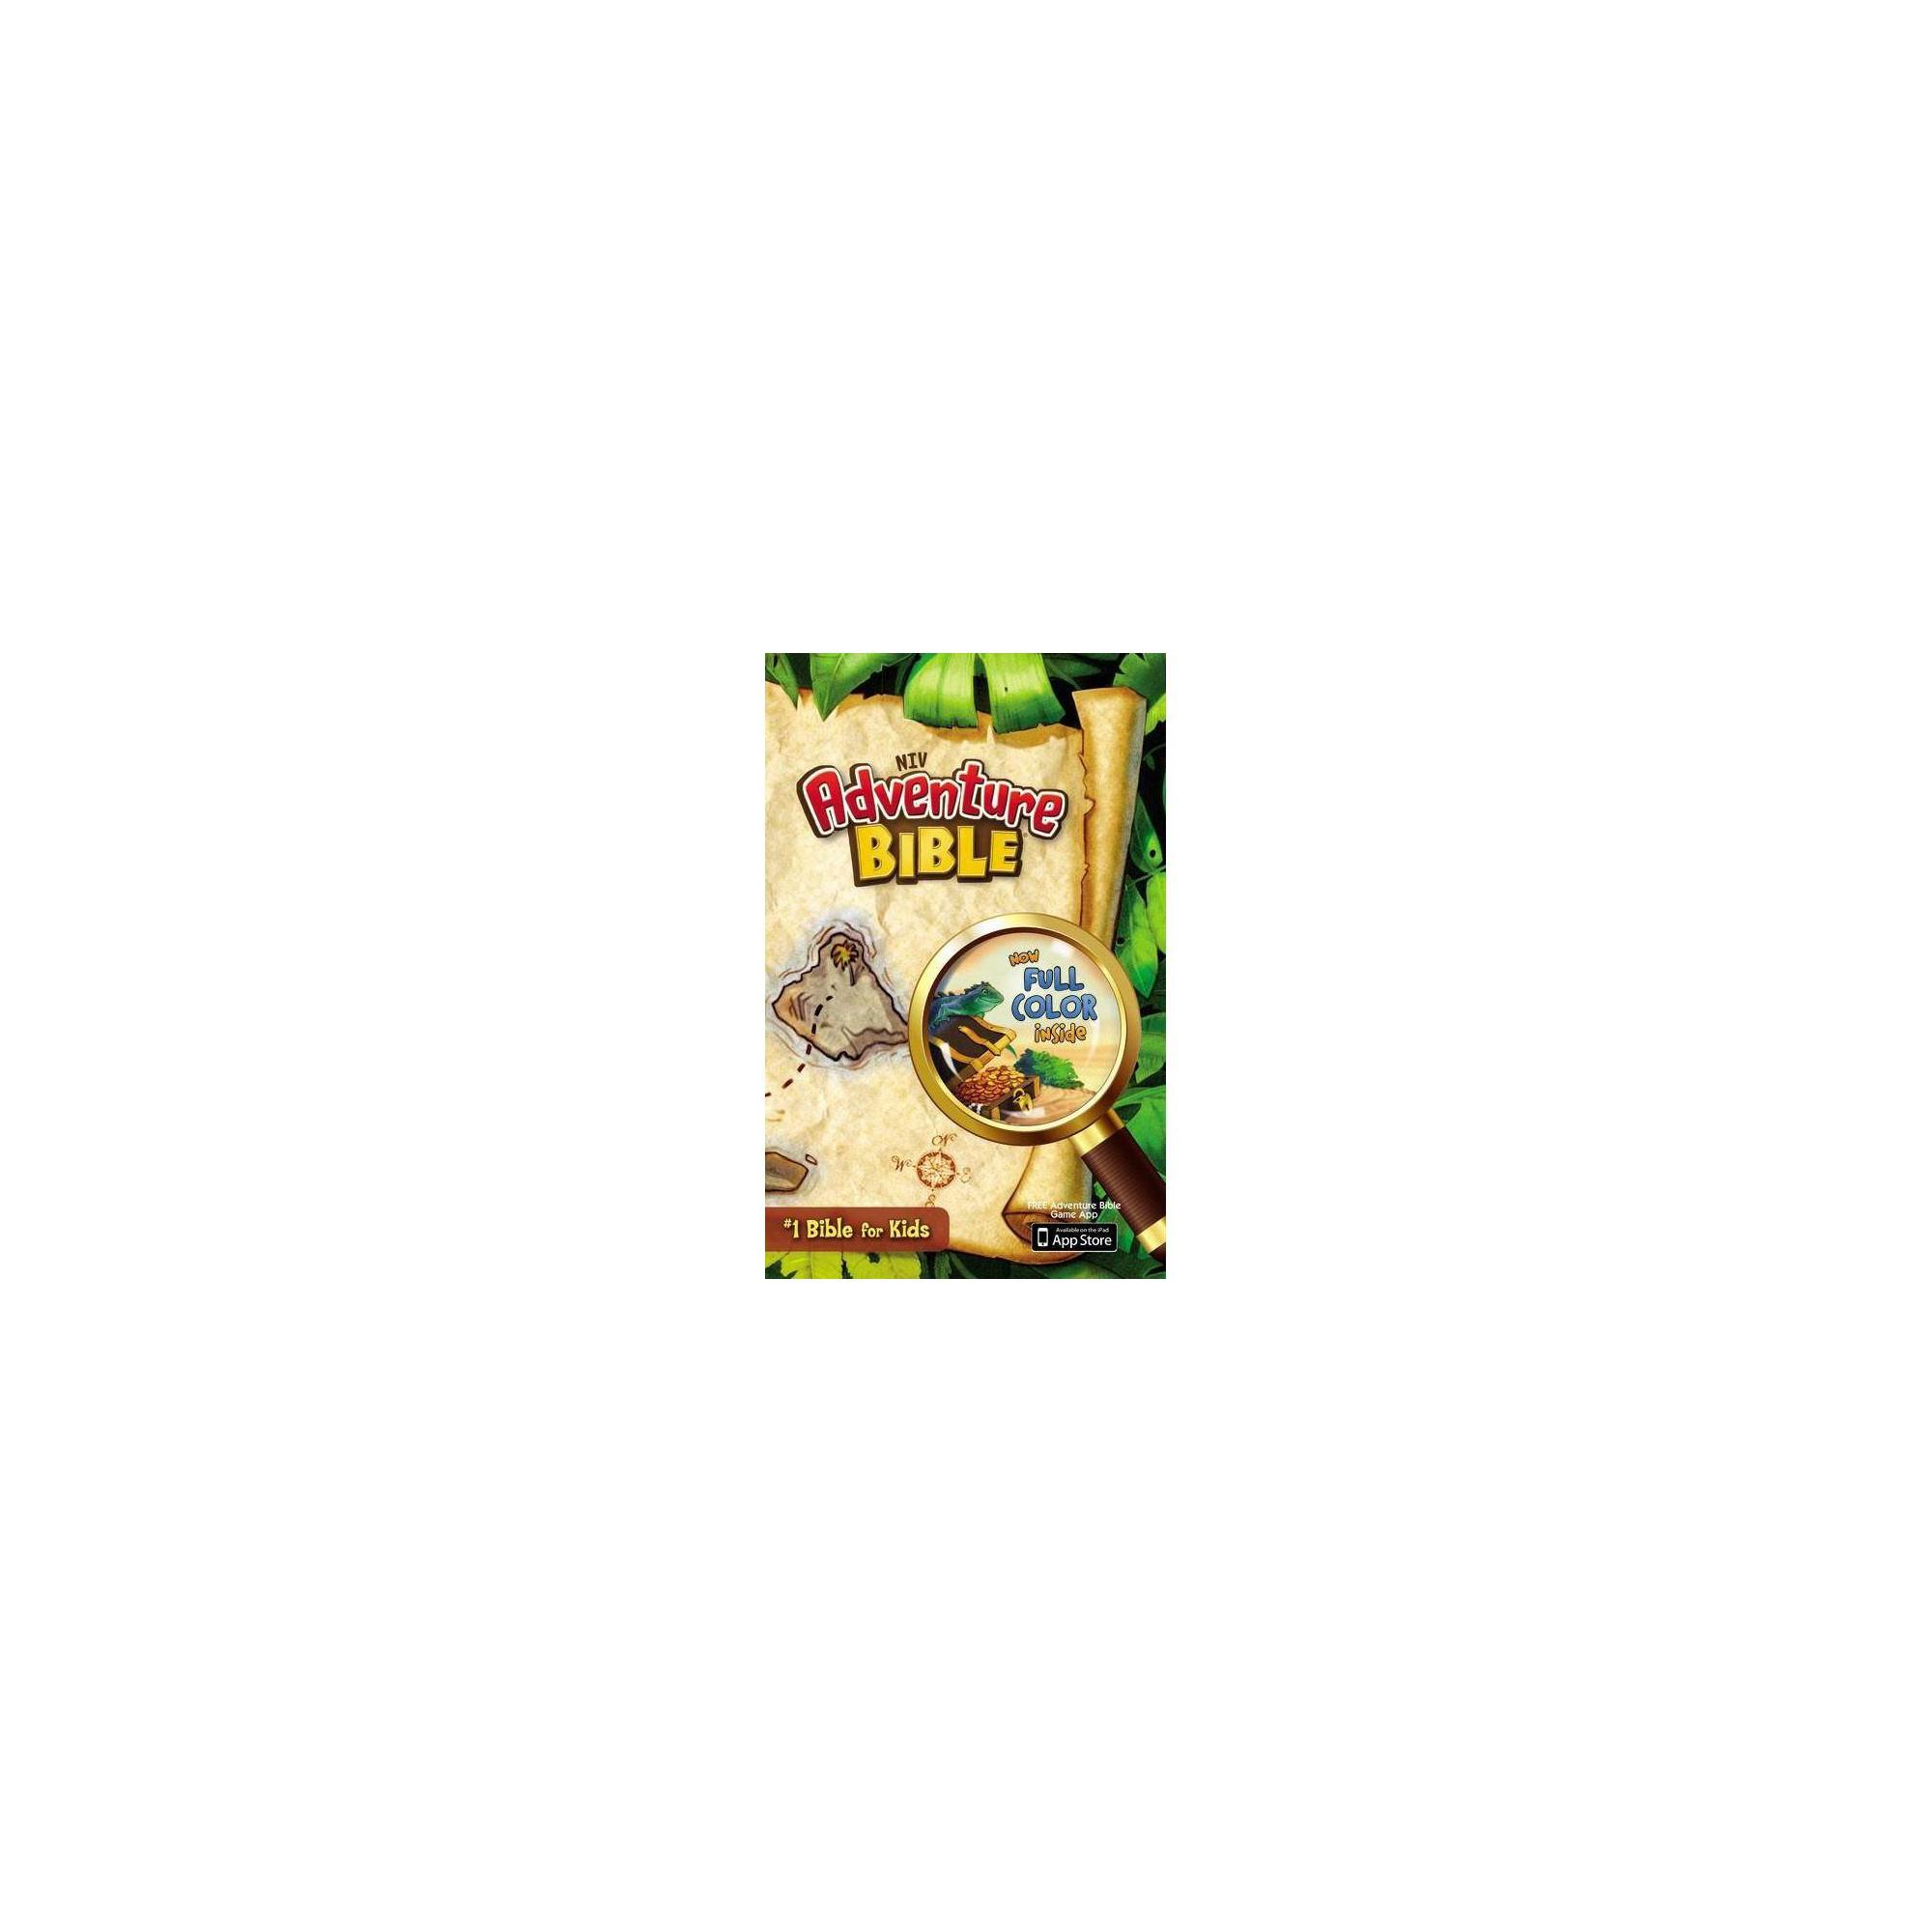 Adventure Bible, NIV - by Zondervan (Hardcover)